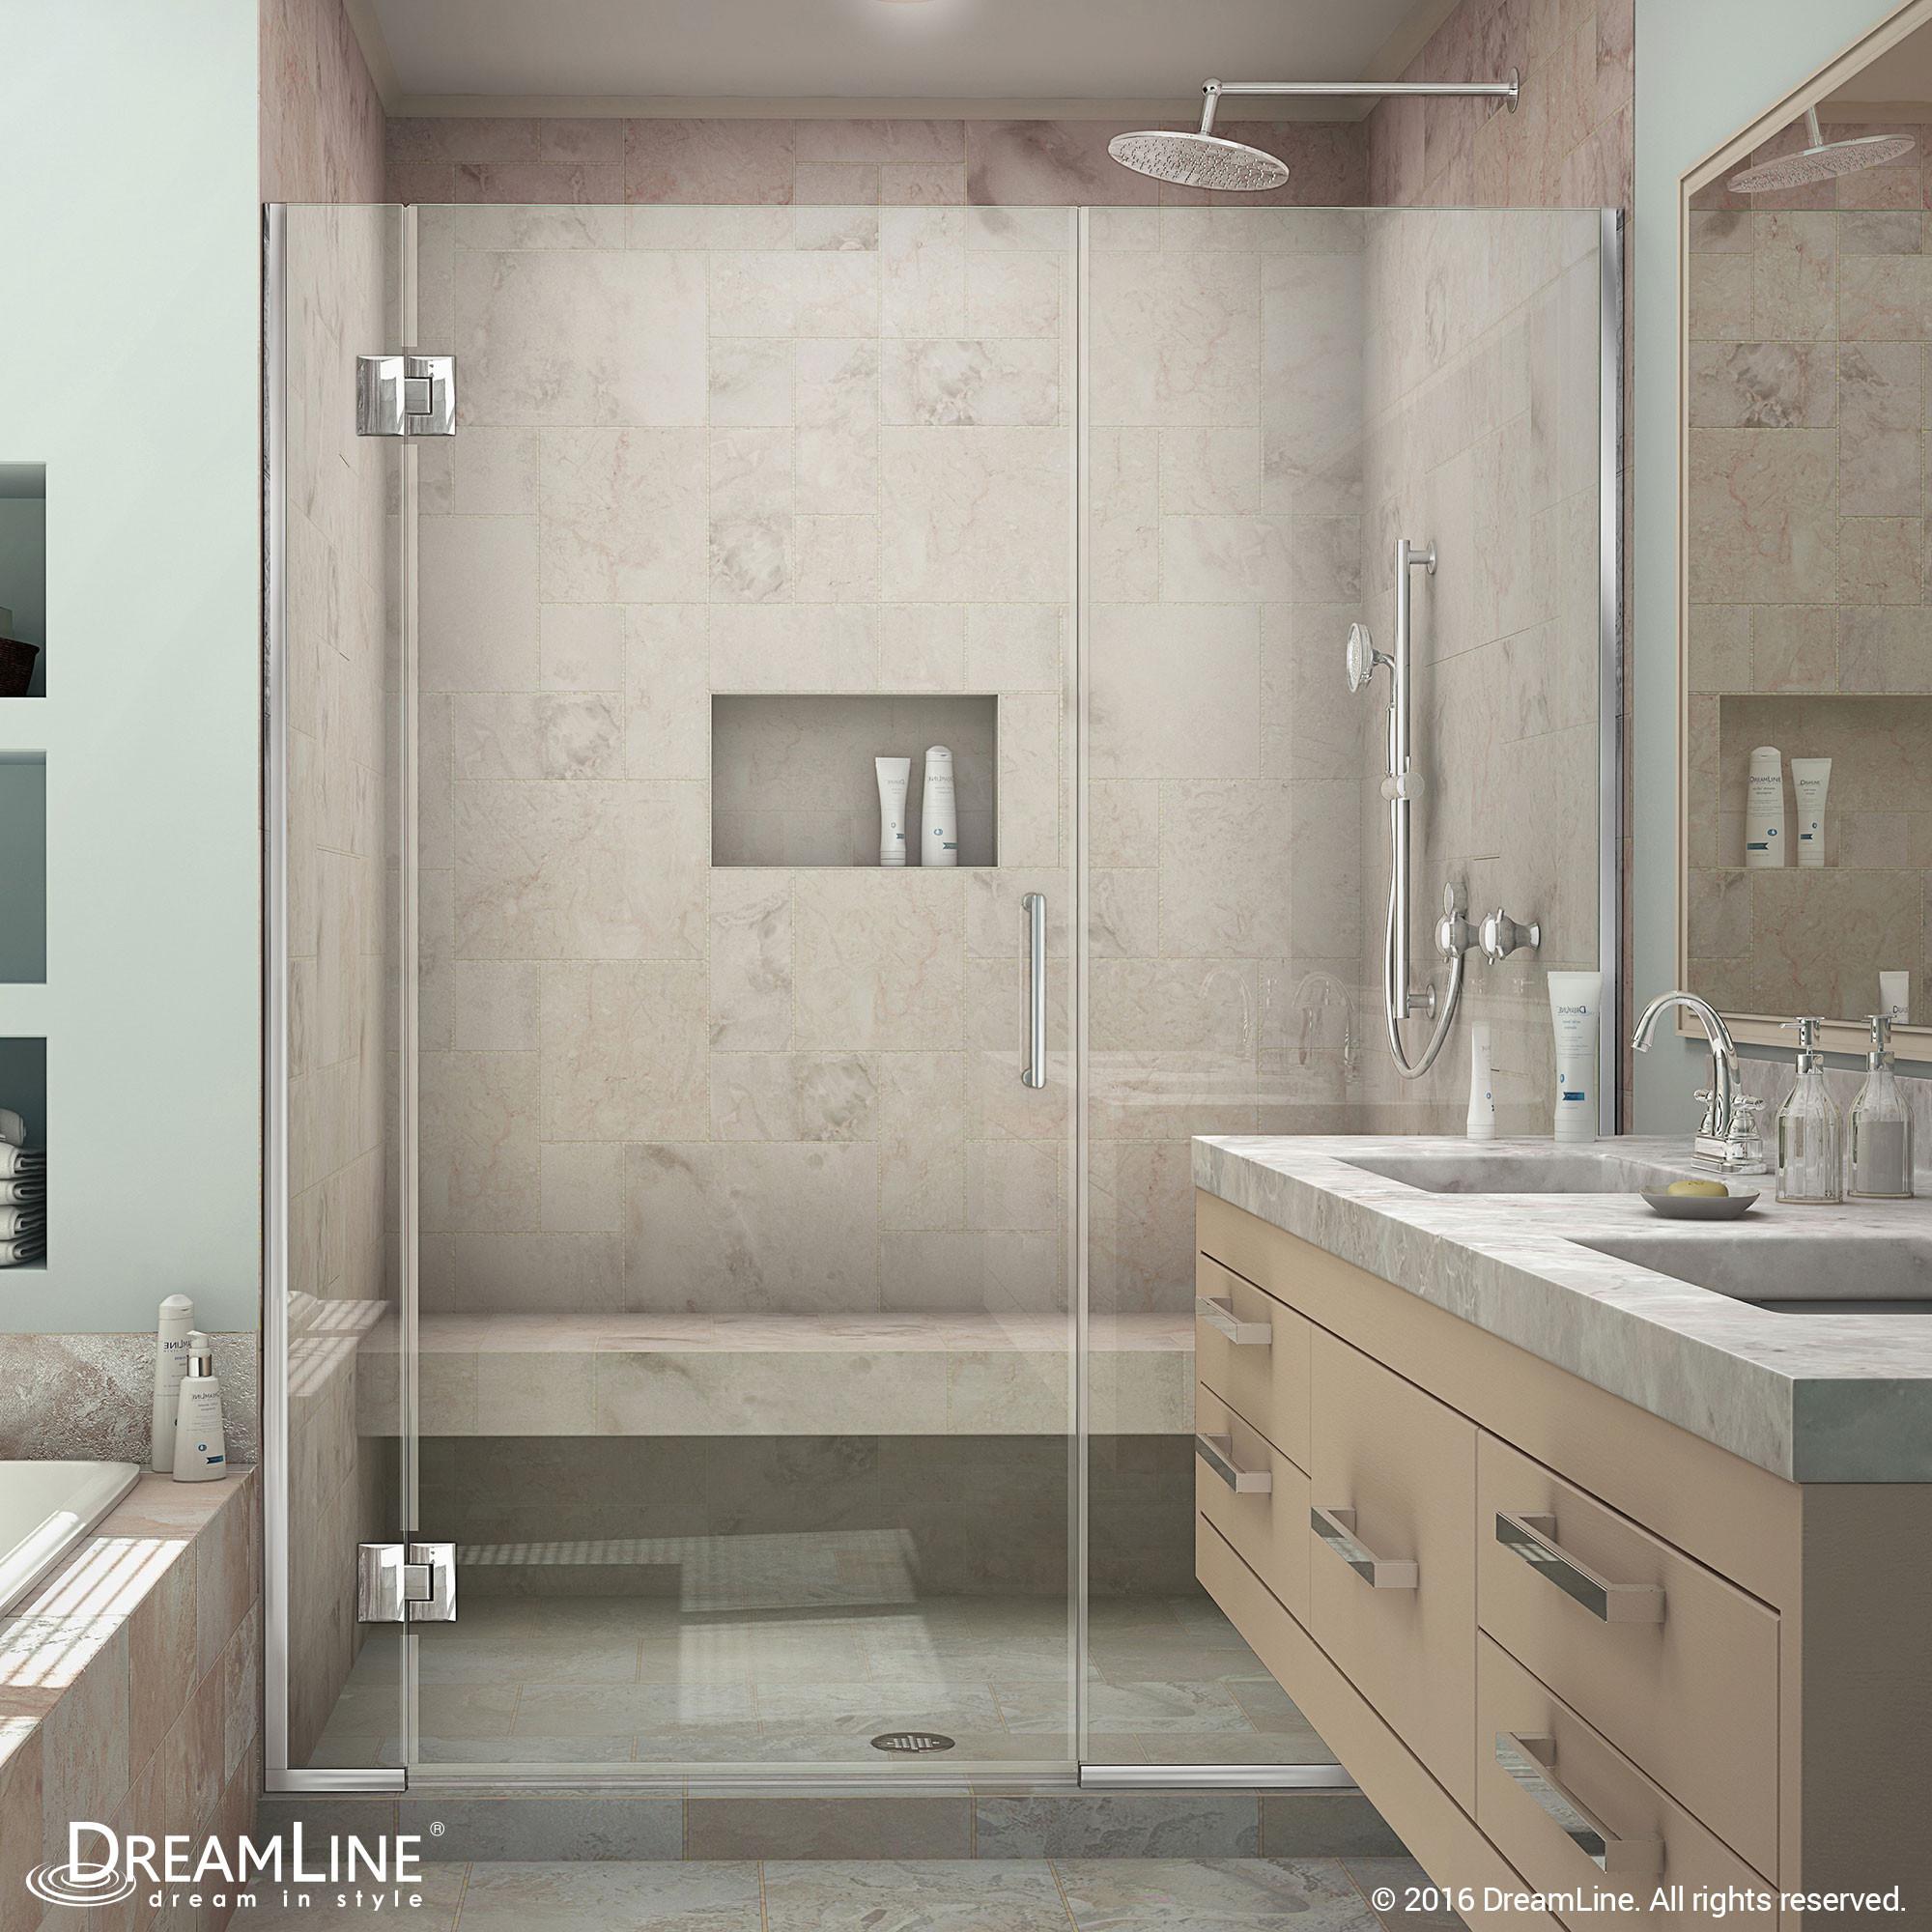 DreamLine D1303072-01 Unidoor-X 66 - 66 1/2 in. W x 72 in. H Hinged Shower Door in Chrome Finish